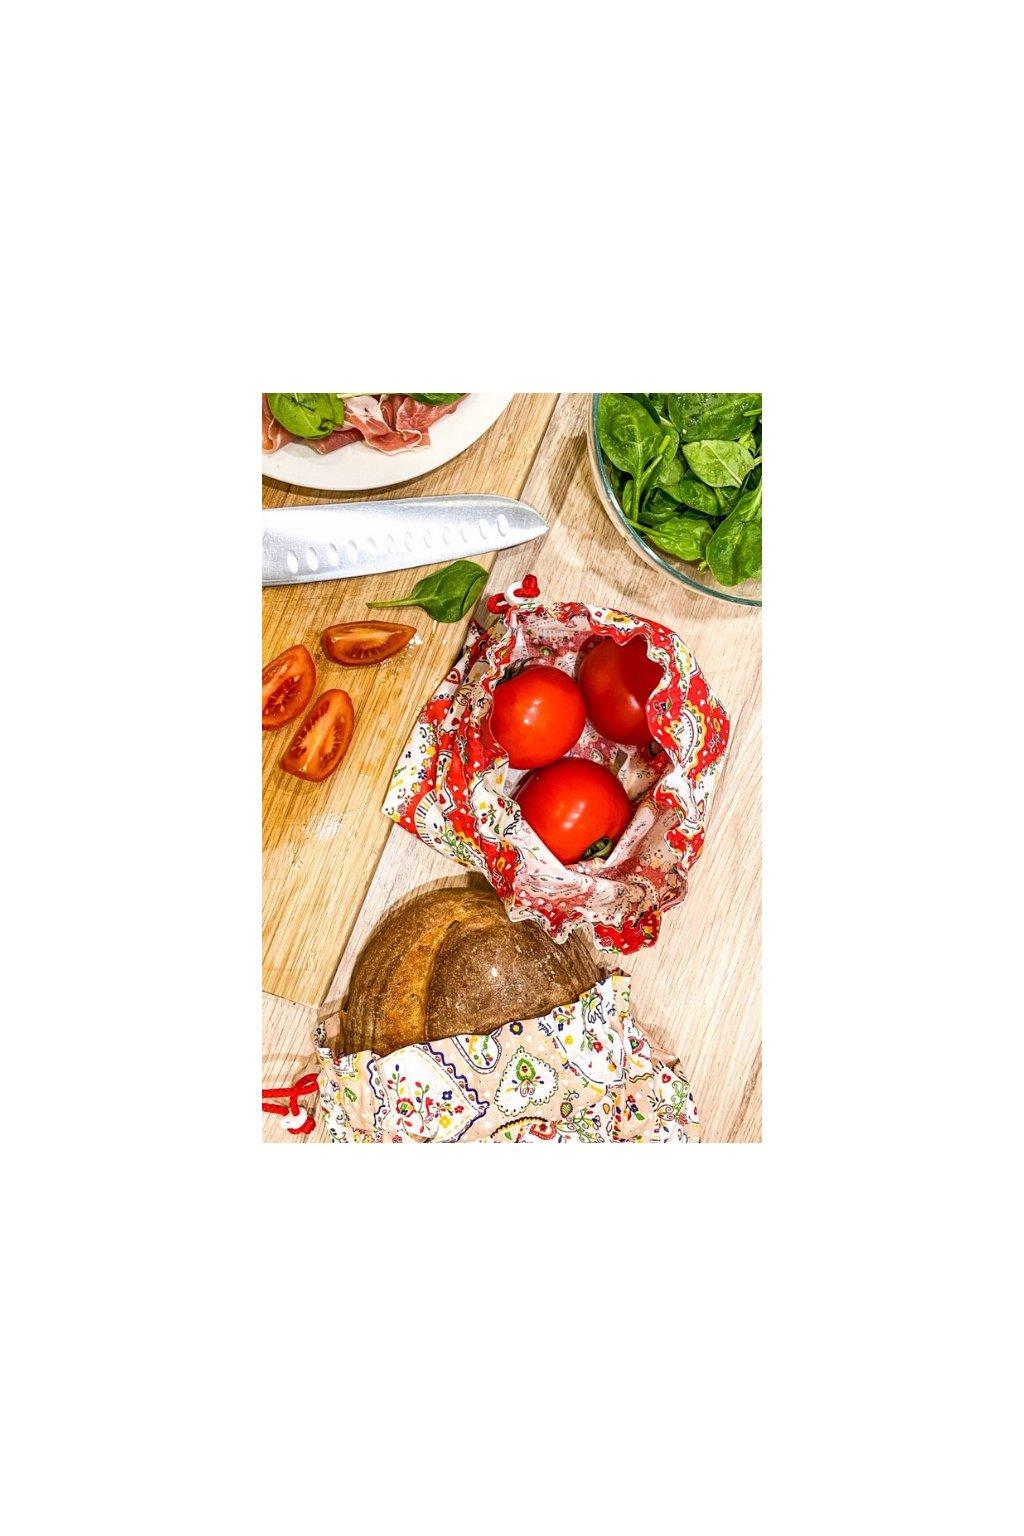 srdiečkové látkové bavlnené vrecko na ovocie, zeleninu, pečivo a chlebík • Vreckonos